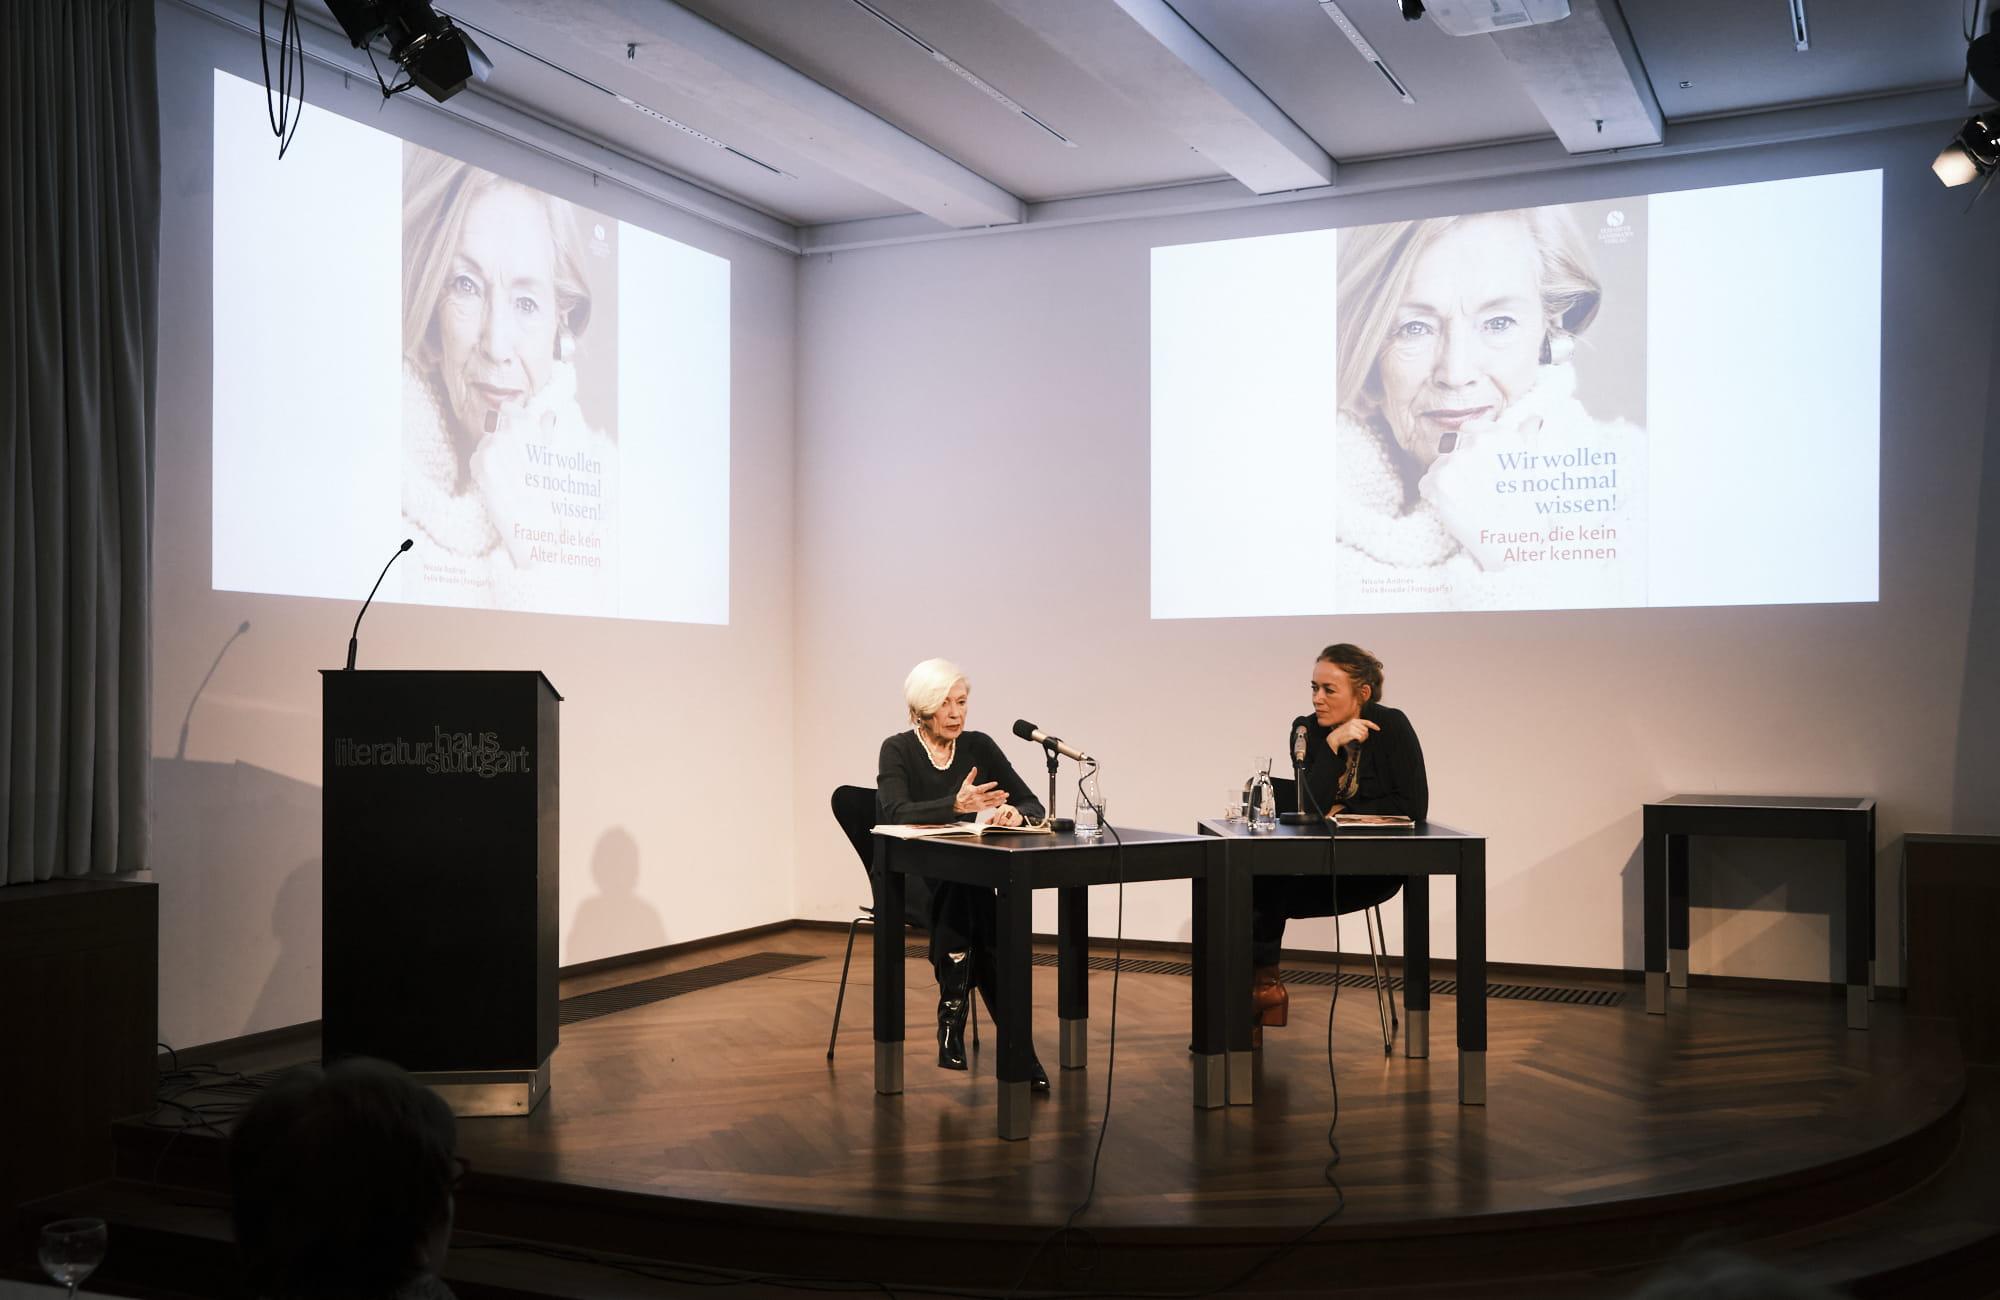 Bettina Wegner, Wera Bunge, Nicole Andries: Wir wollen es nochmal wissen <br/>(c) Sebastian Wenzel